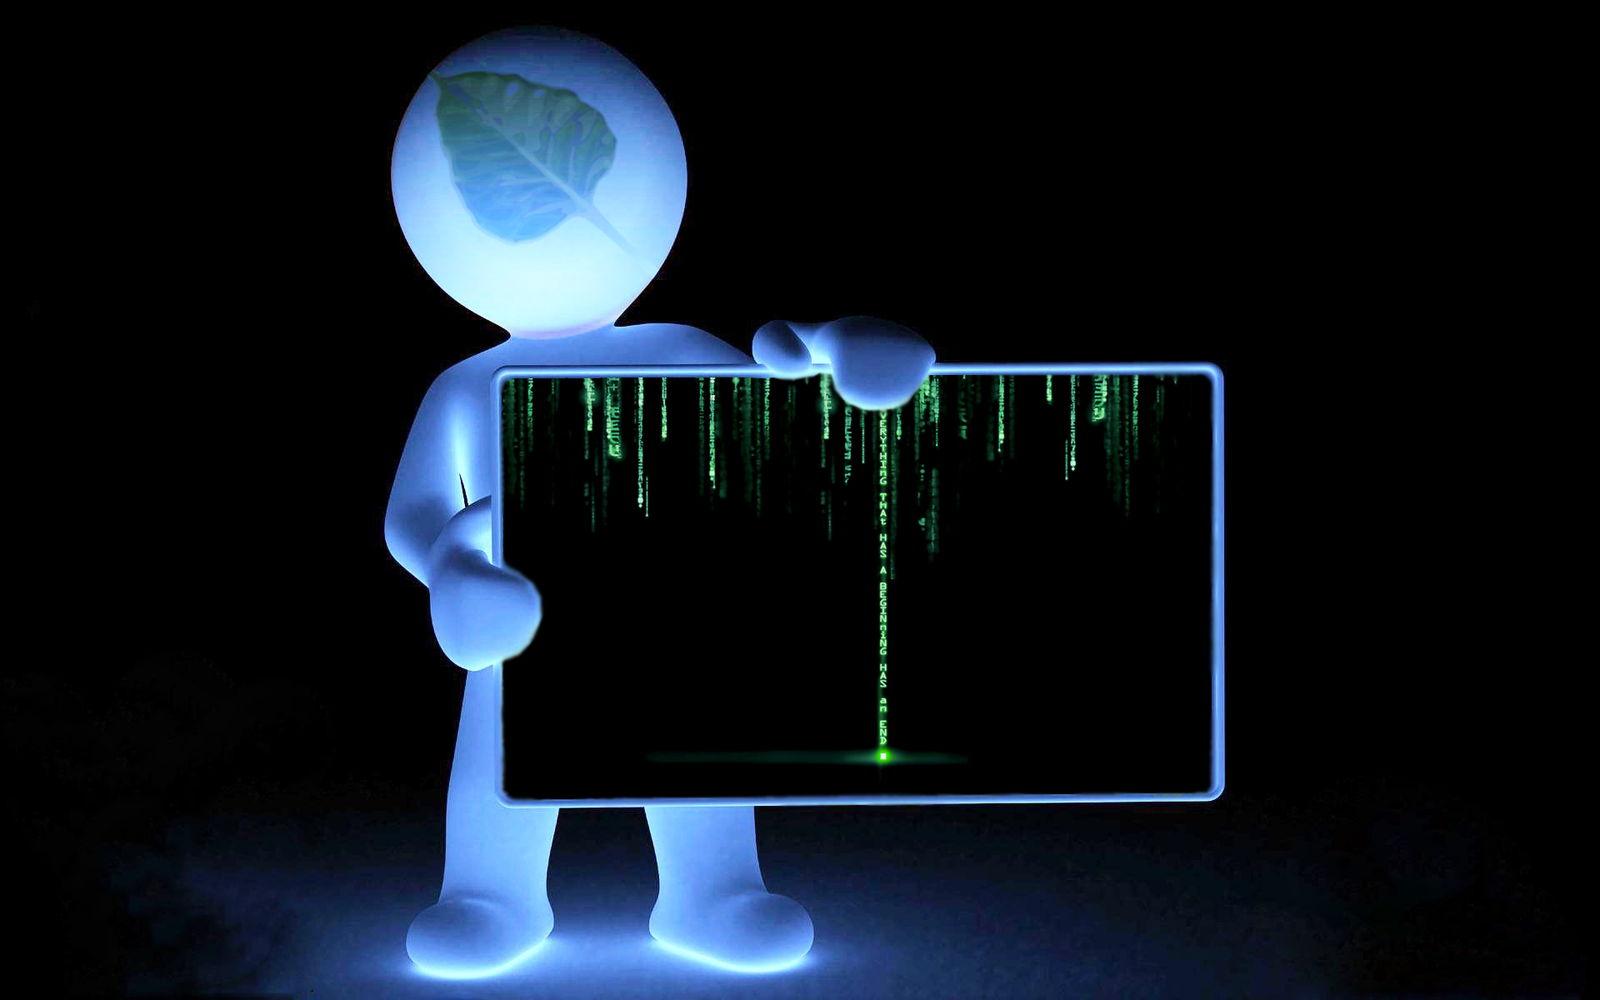 Herramientas de monitoreo de red